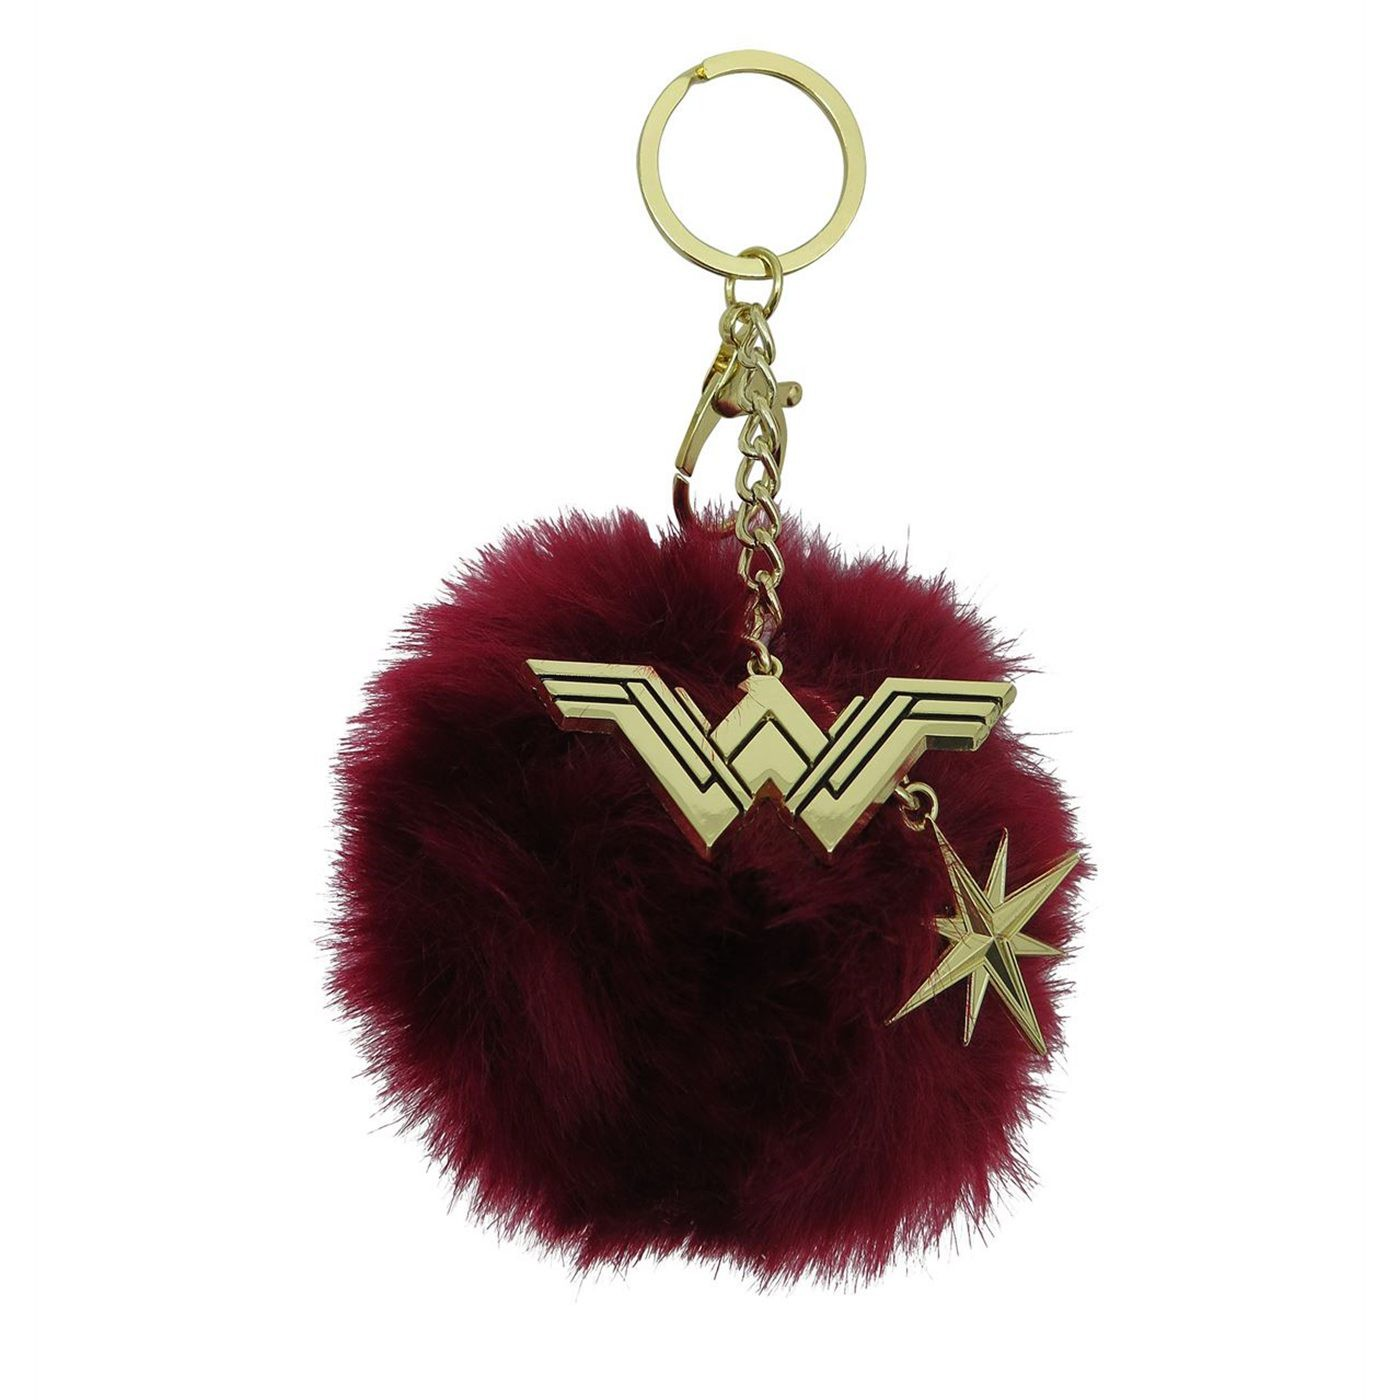 Wonder Woman Movie Pom Pom Handbag Charm Keychain